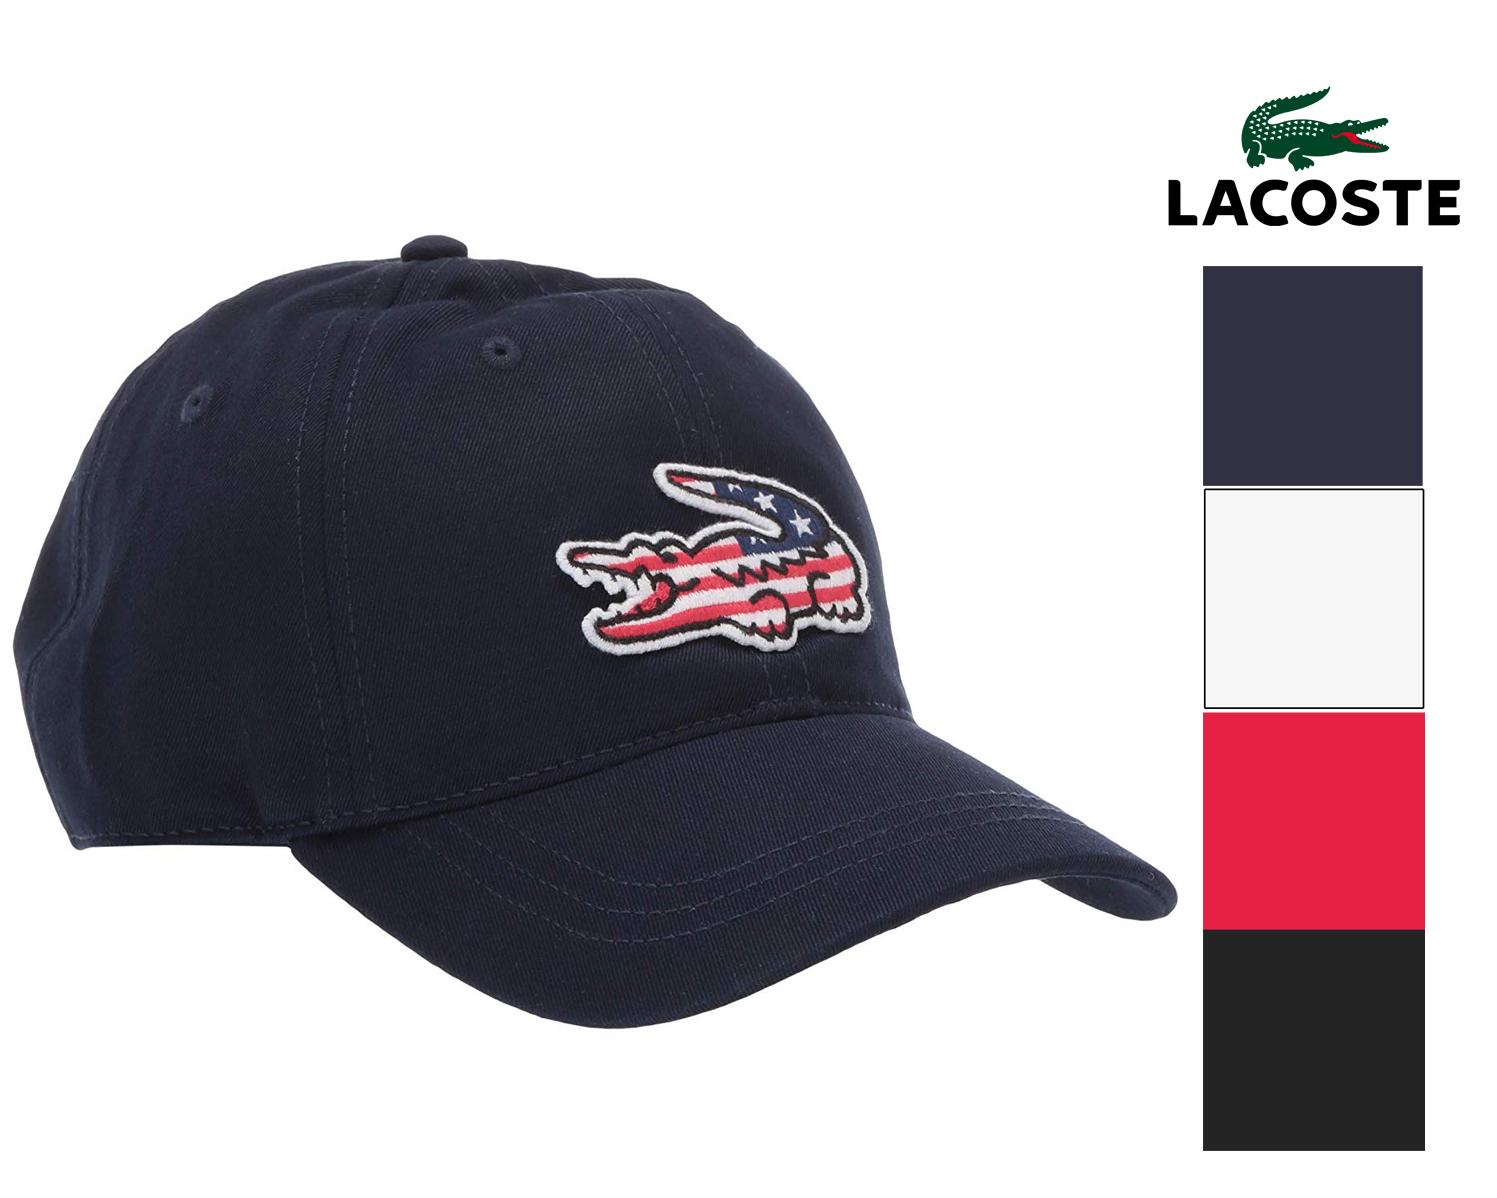 bc233e5a Details about Lacoste Men's Big Croc Adjustable American Flag Logo Cap Hat  USA Crocodile